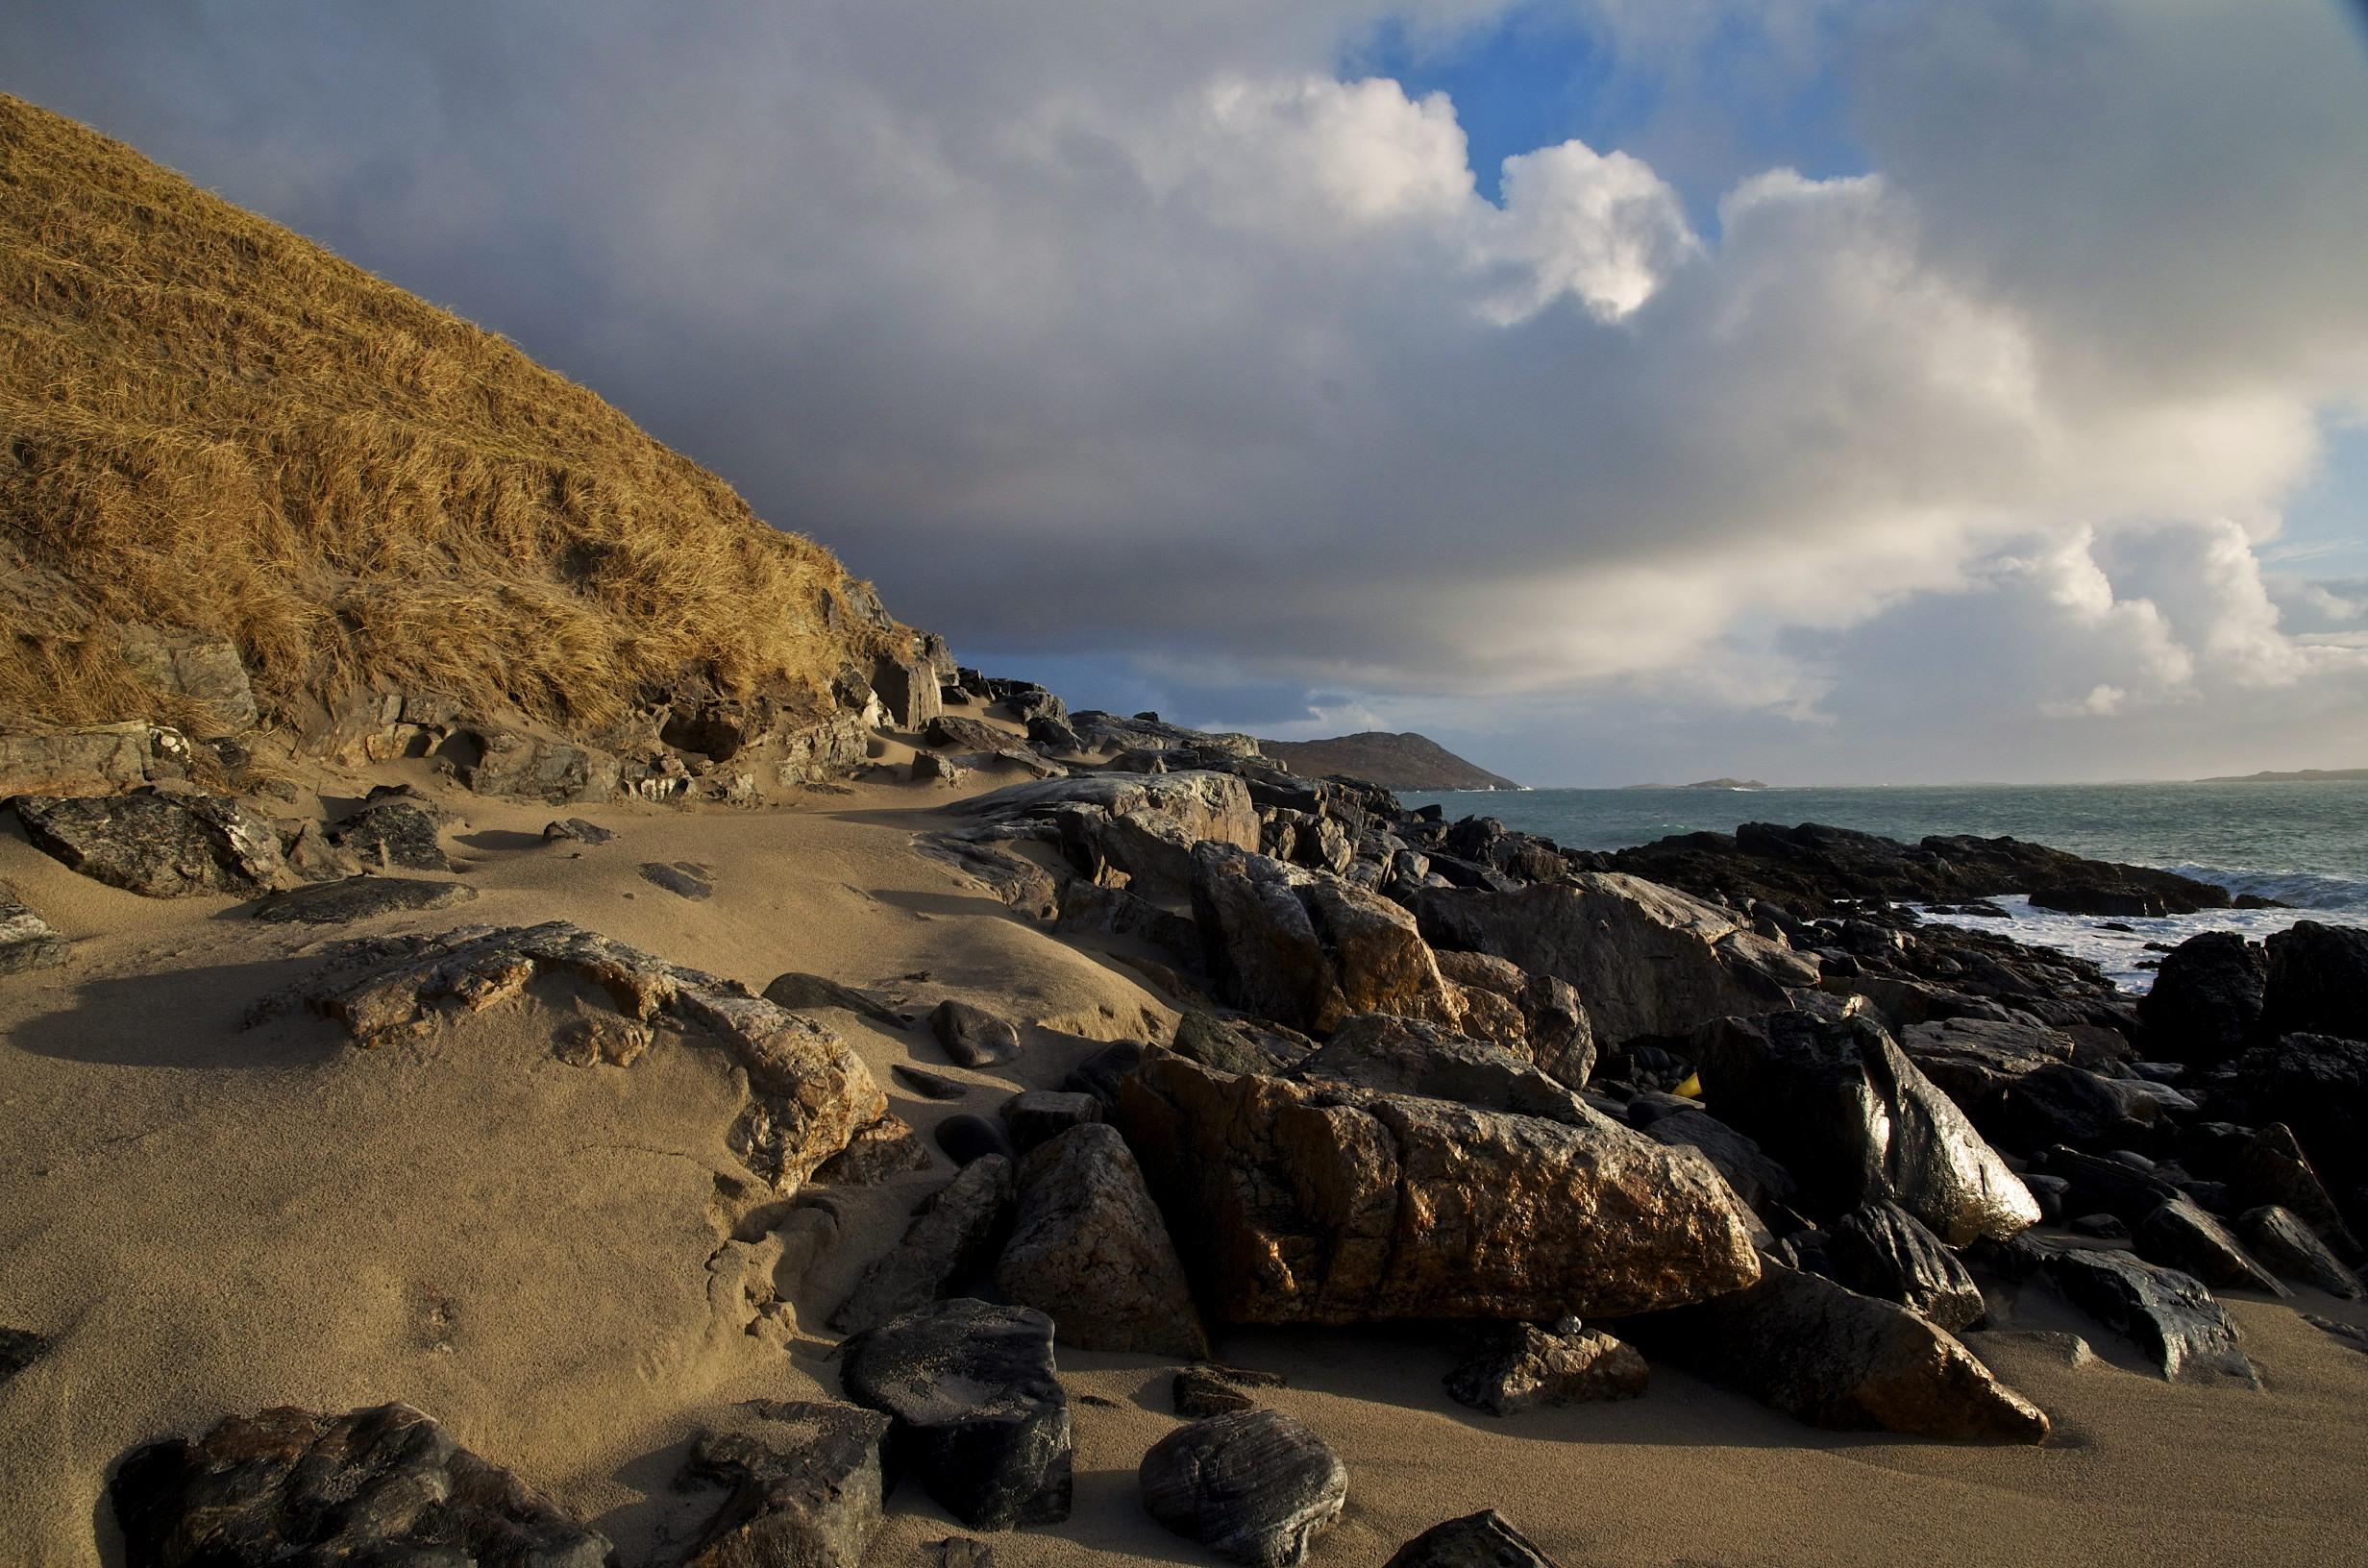 Rubha an Teampaill beach, D7000/   16-85mm